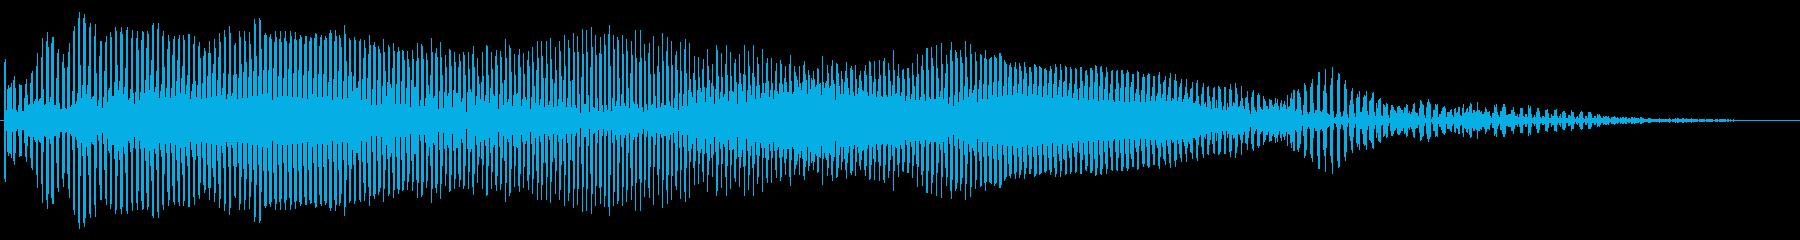 ファーオ スライドトランペット音程上下の再生済みの波形